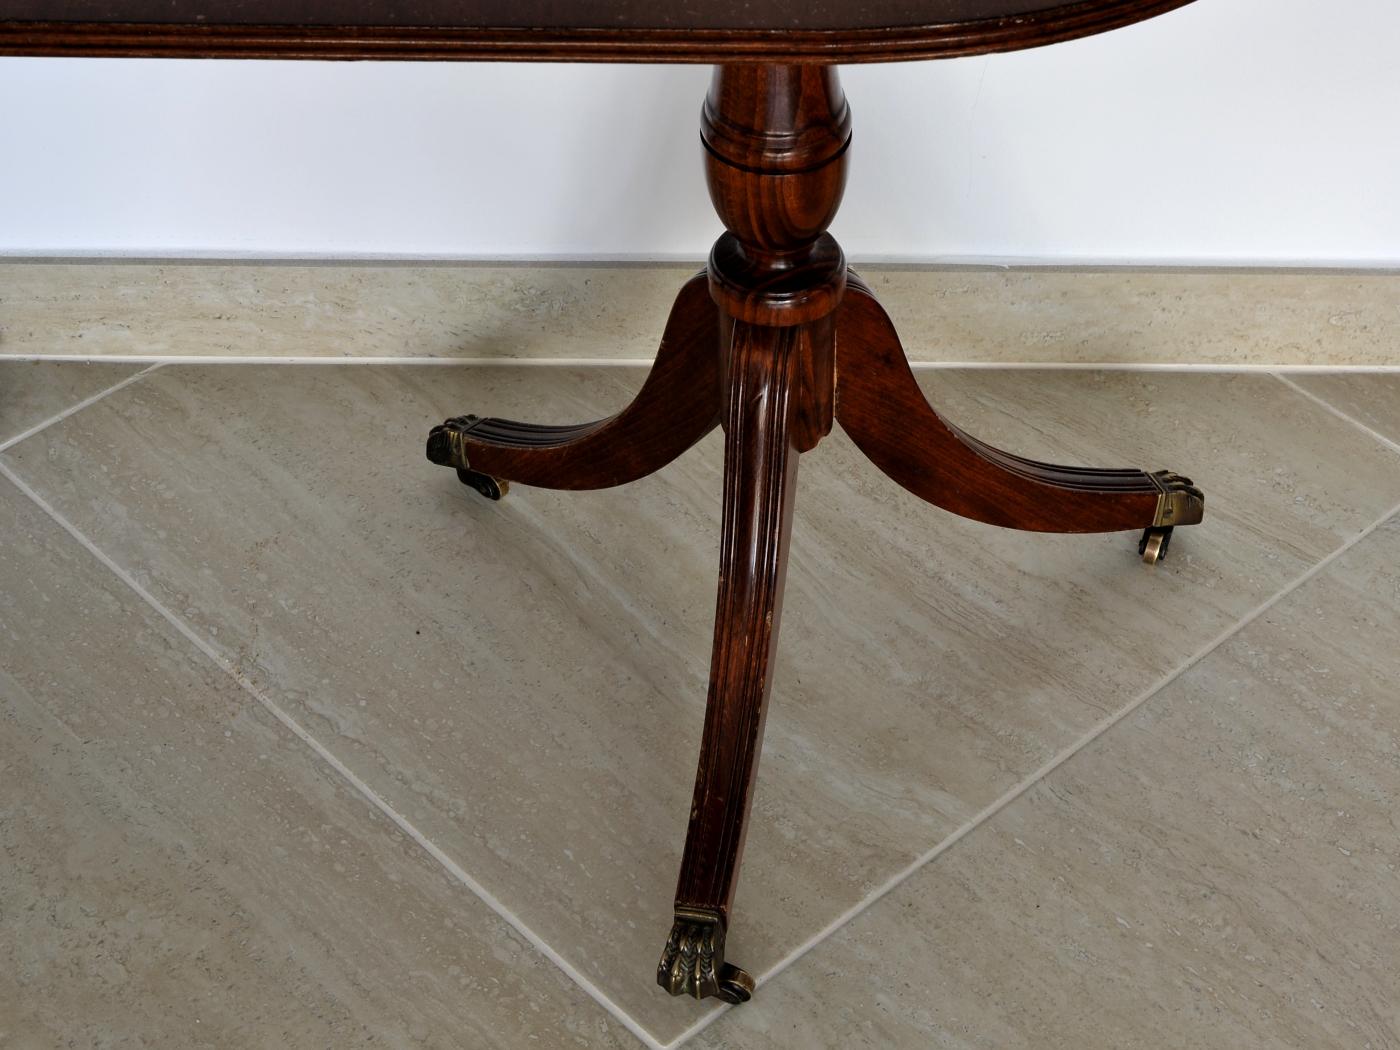 Masuta englezeasca cu 2 picioare din lemn si piele partea superioara.